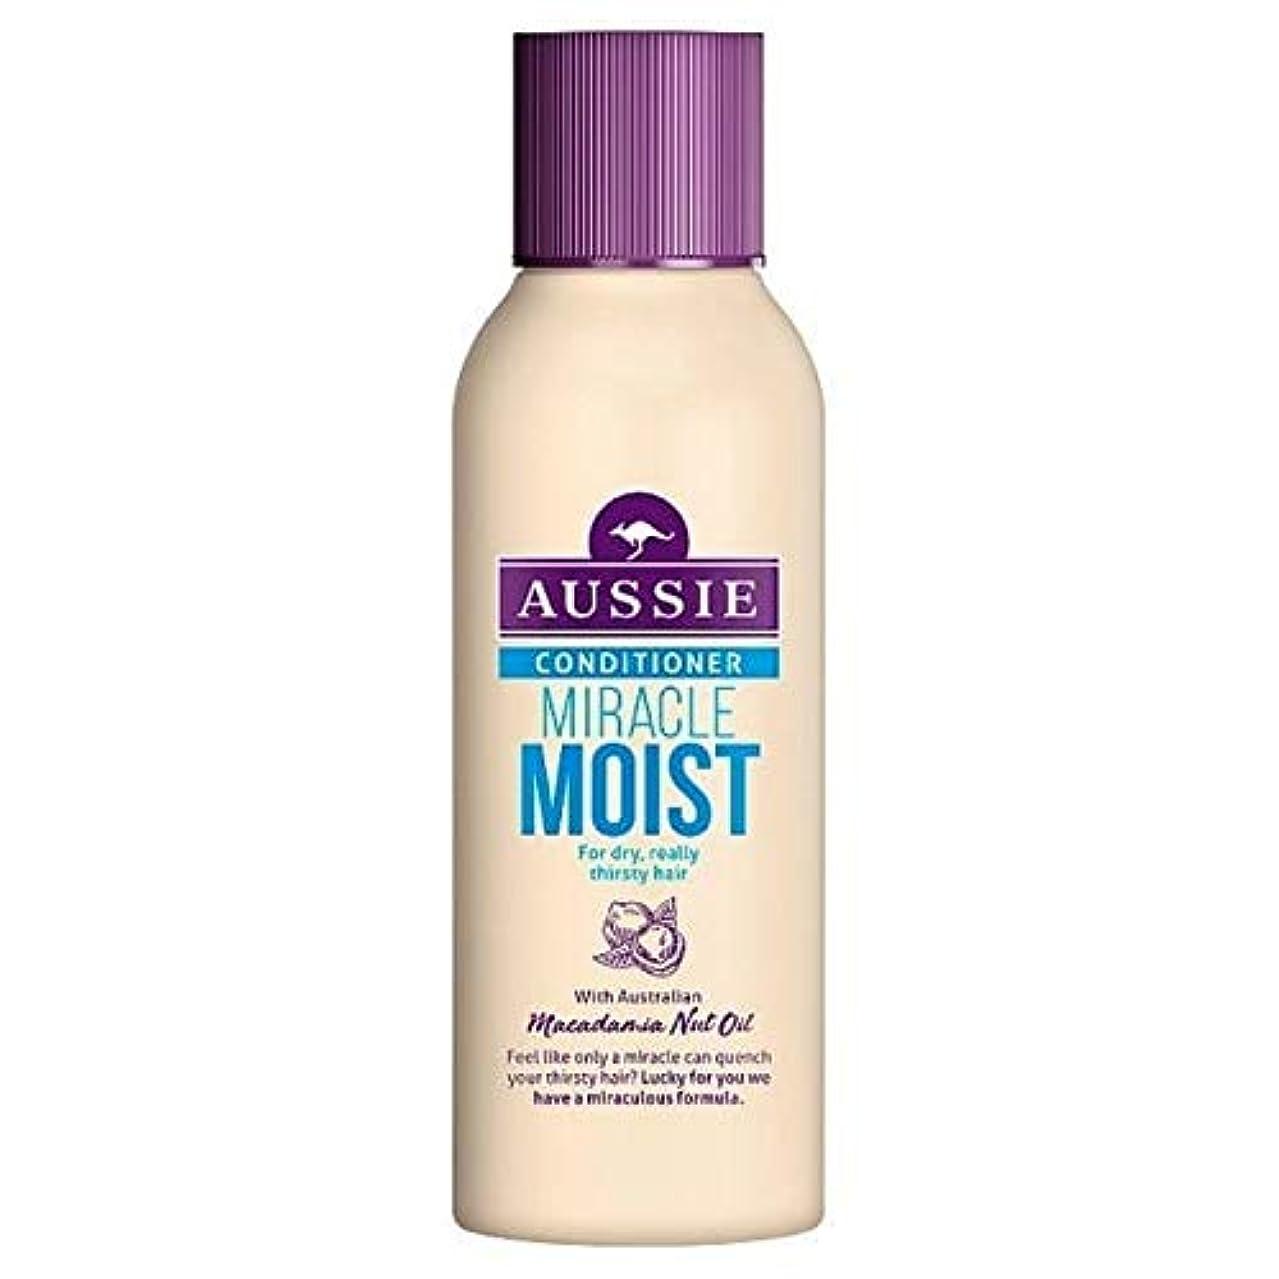 非アクティブエリート予想する[Aussie ] 乾いた、のどが渇い毛90ミリリットルのためのオーストラリアの奇跡しっとりコンディショナー - Aussie Miracle Moist Conditioner For Dry, Thirsty Hair 90ml [並行輸入品]